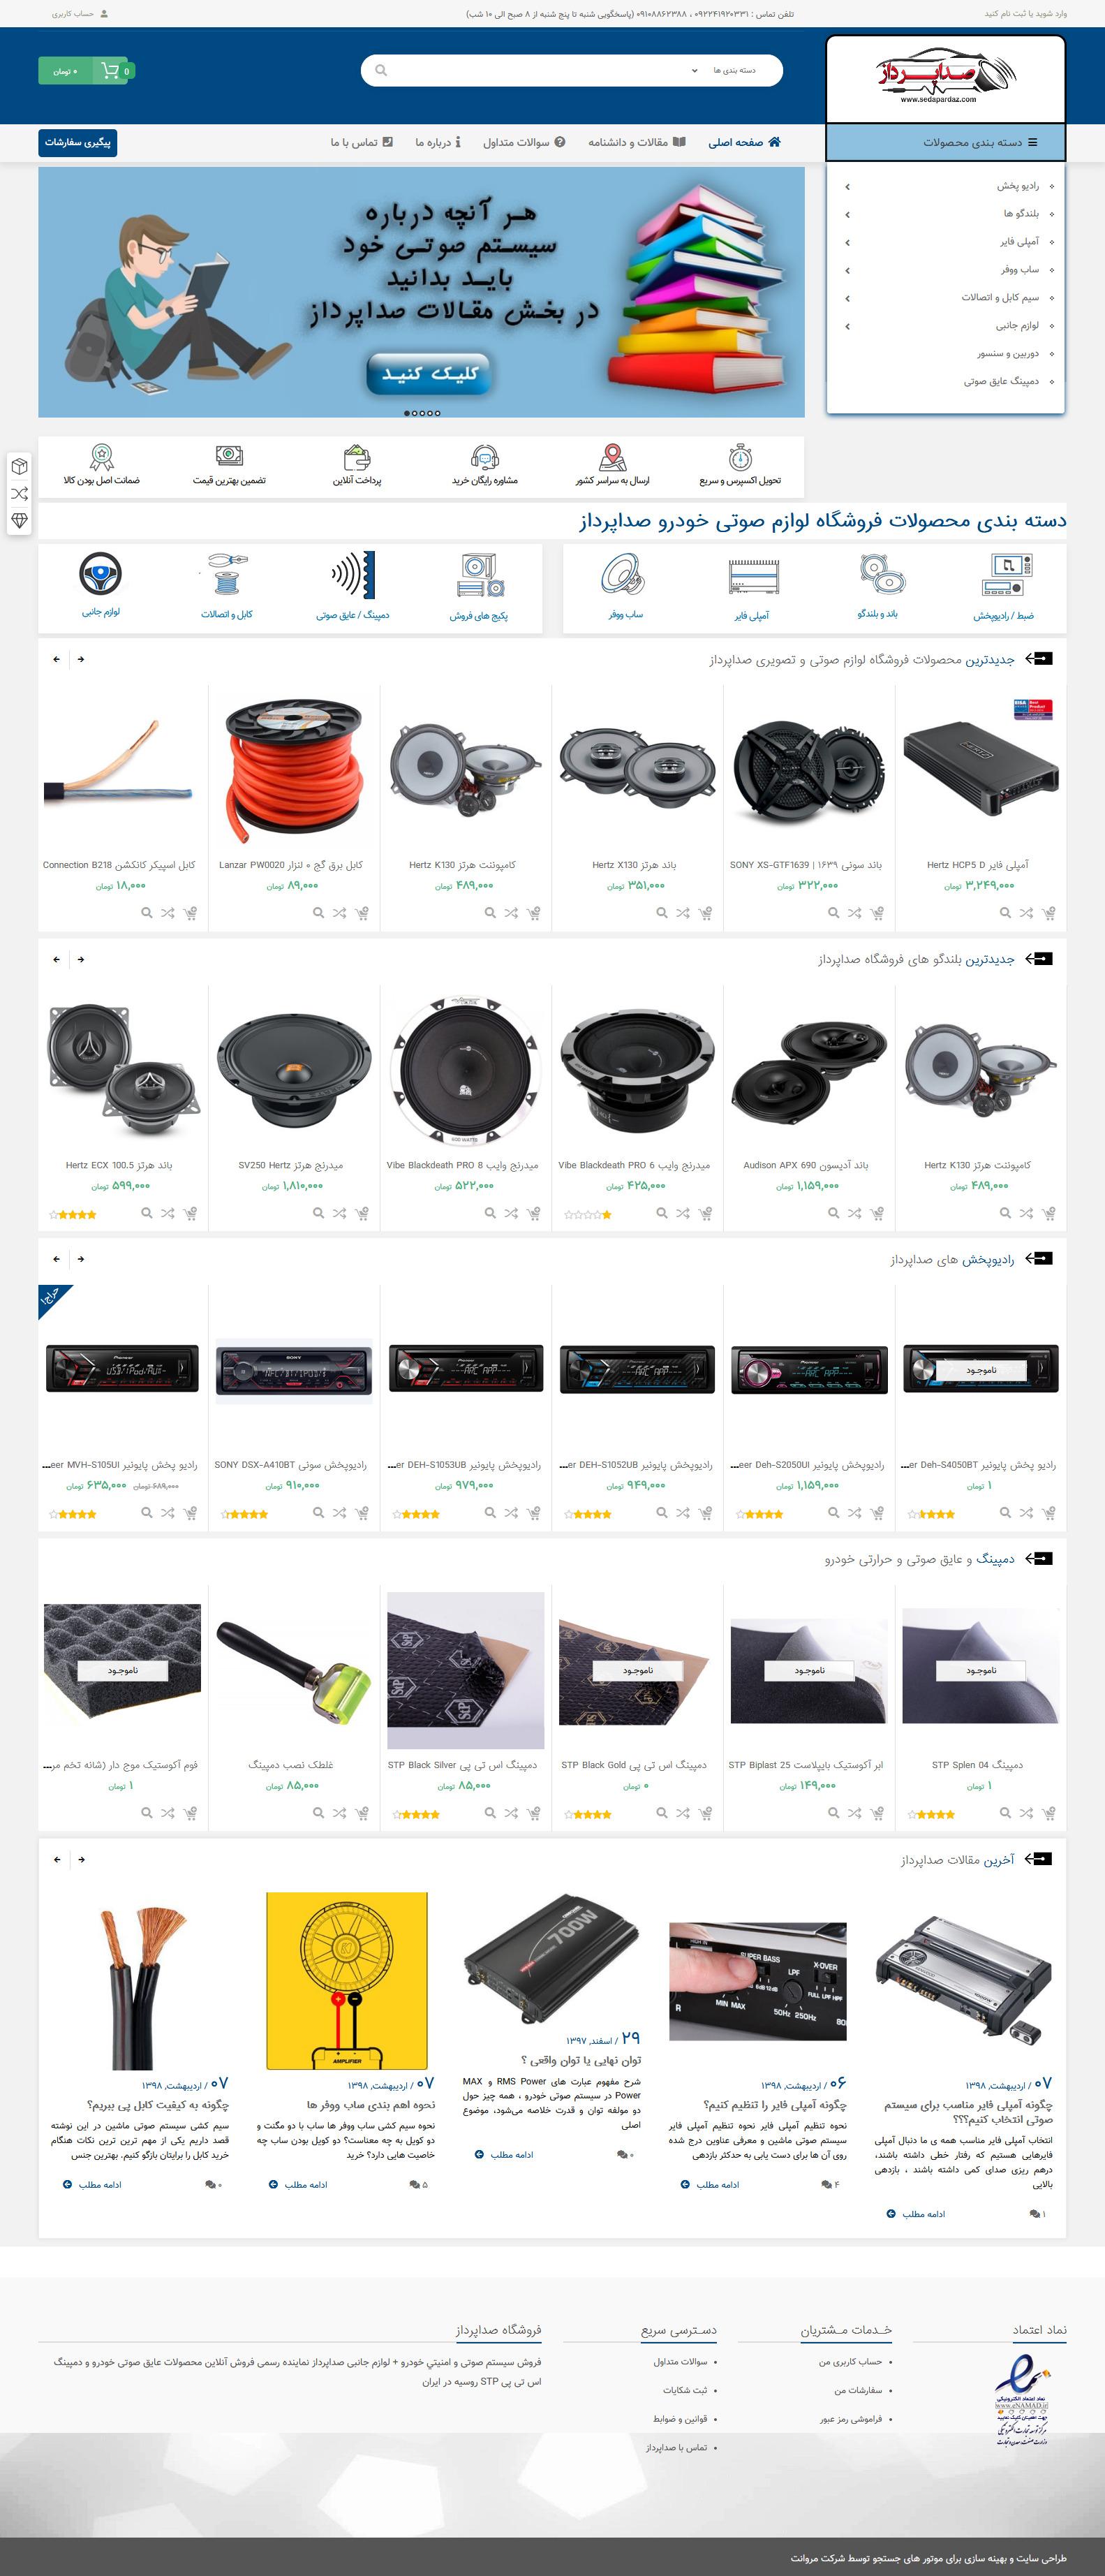 طراحی فروشگاه لوازم صوتی صداپرداز